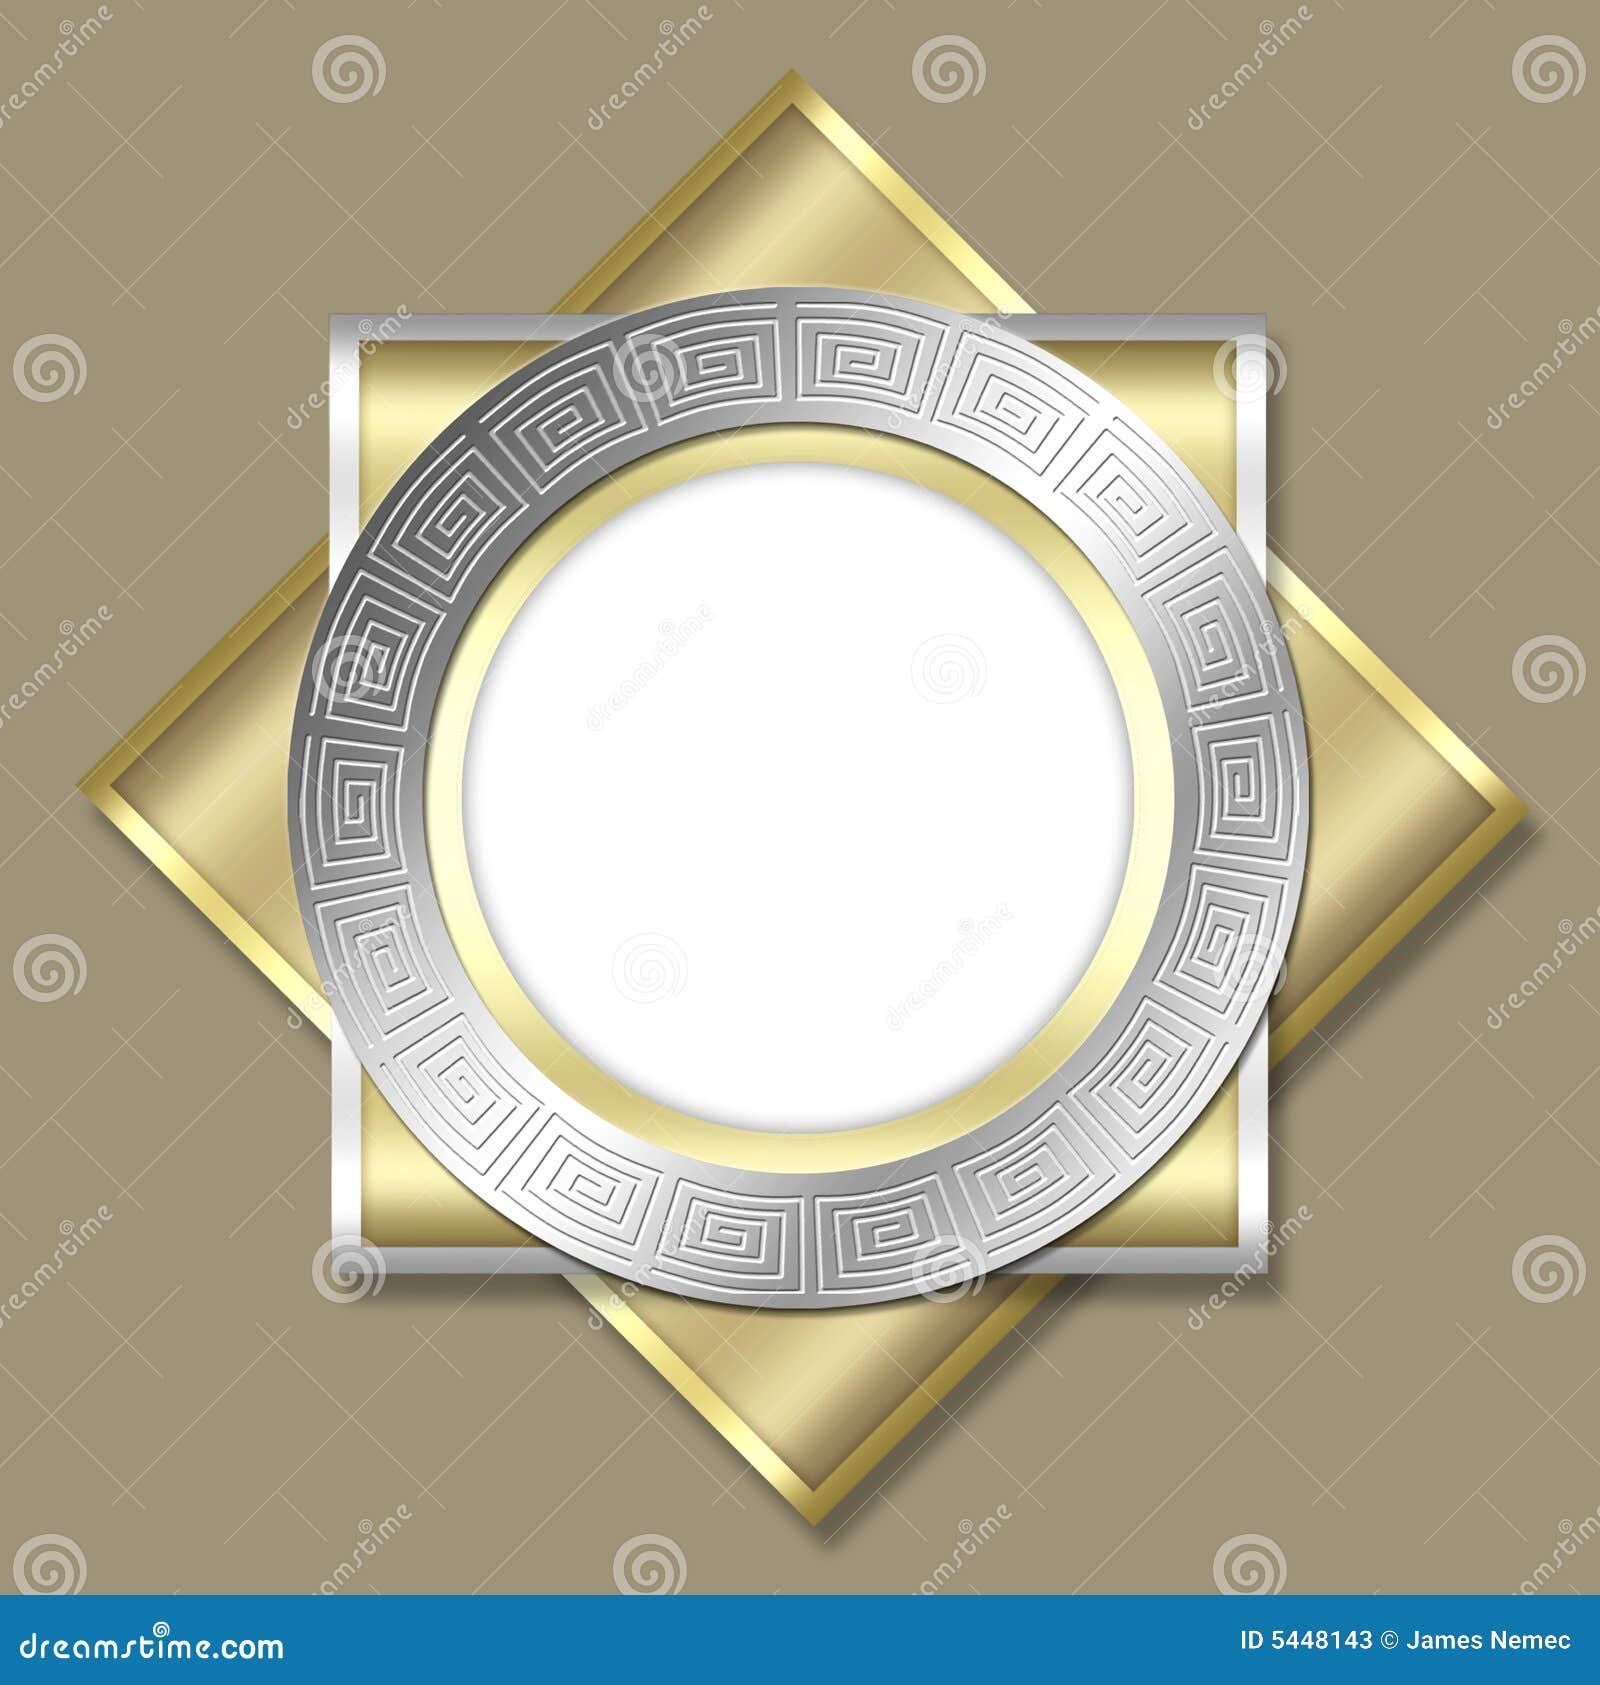 Deco frame & tile design